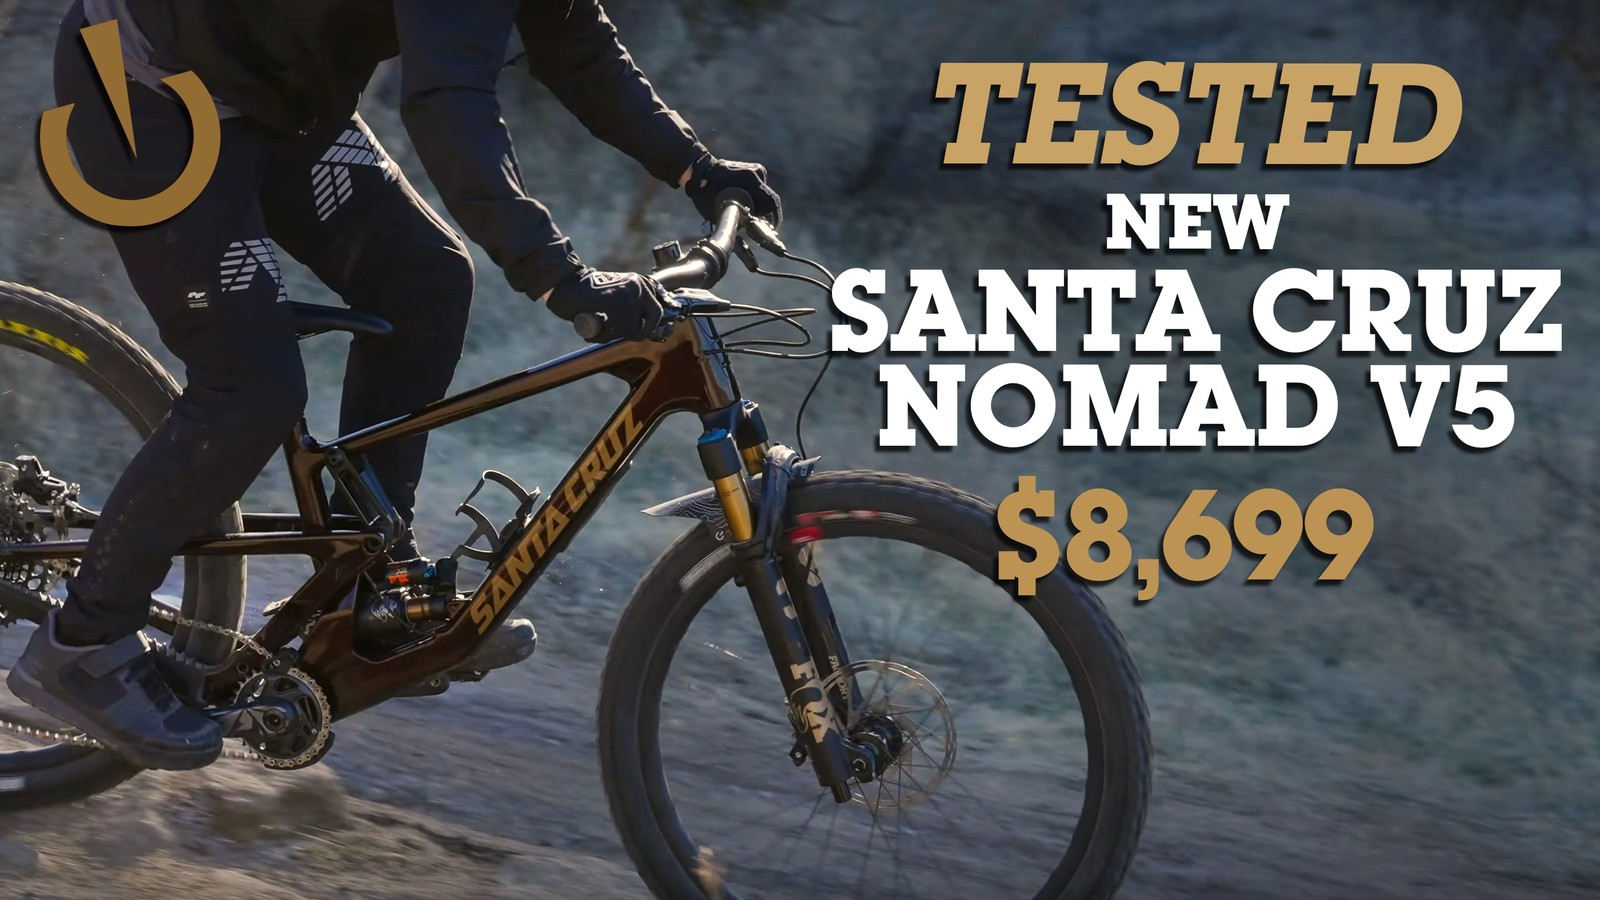 2021 Santa Cruz Nomad V5 REVIEW